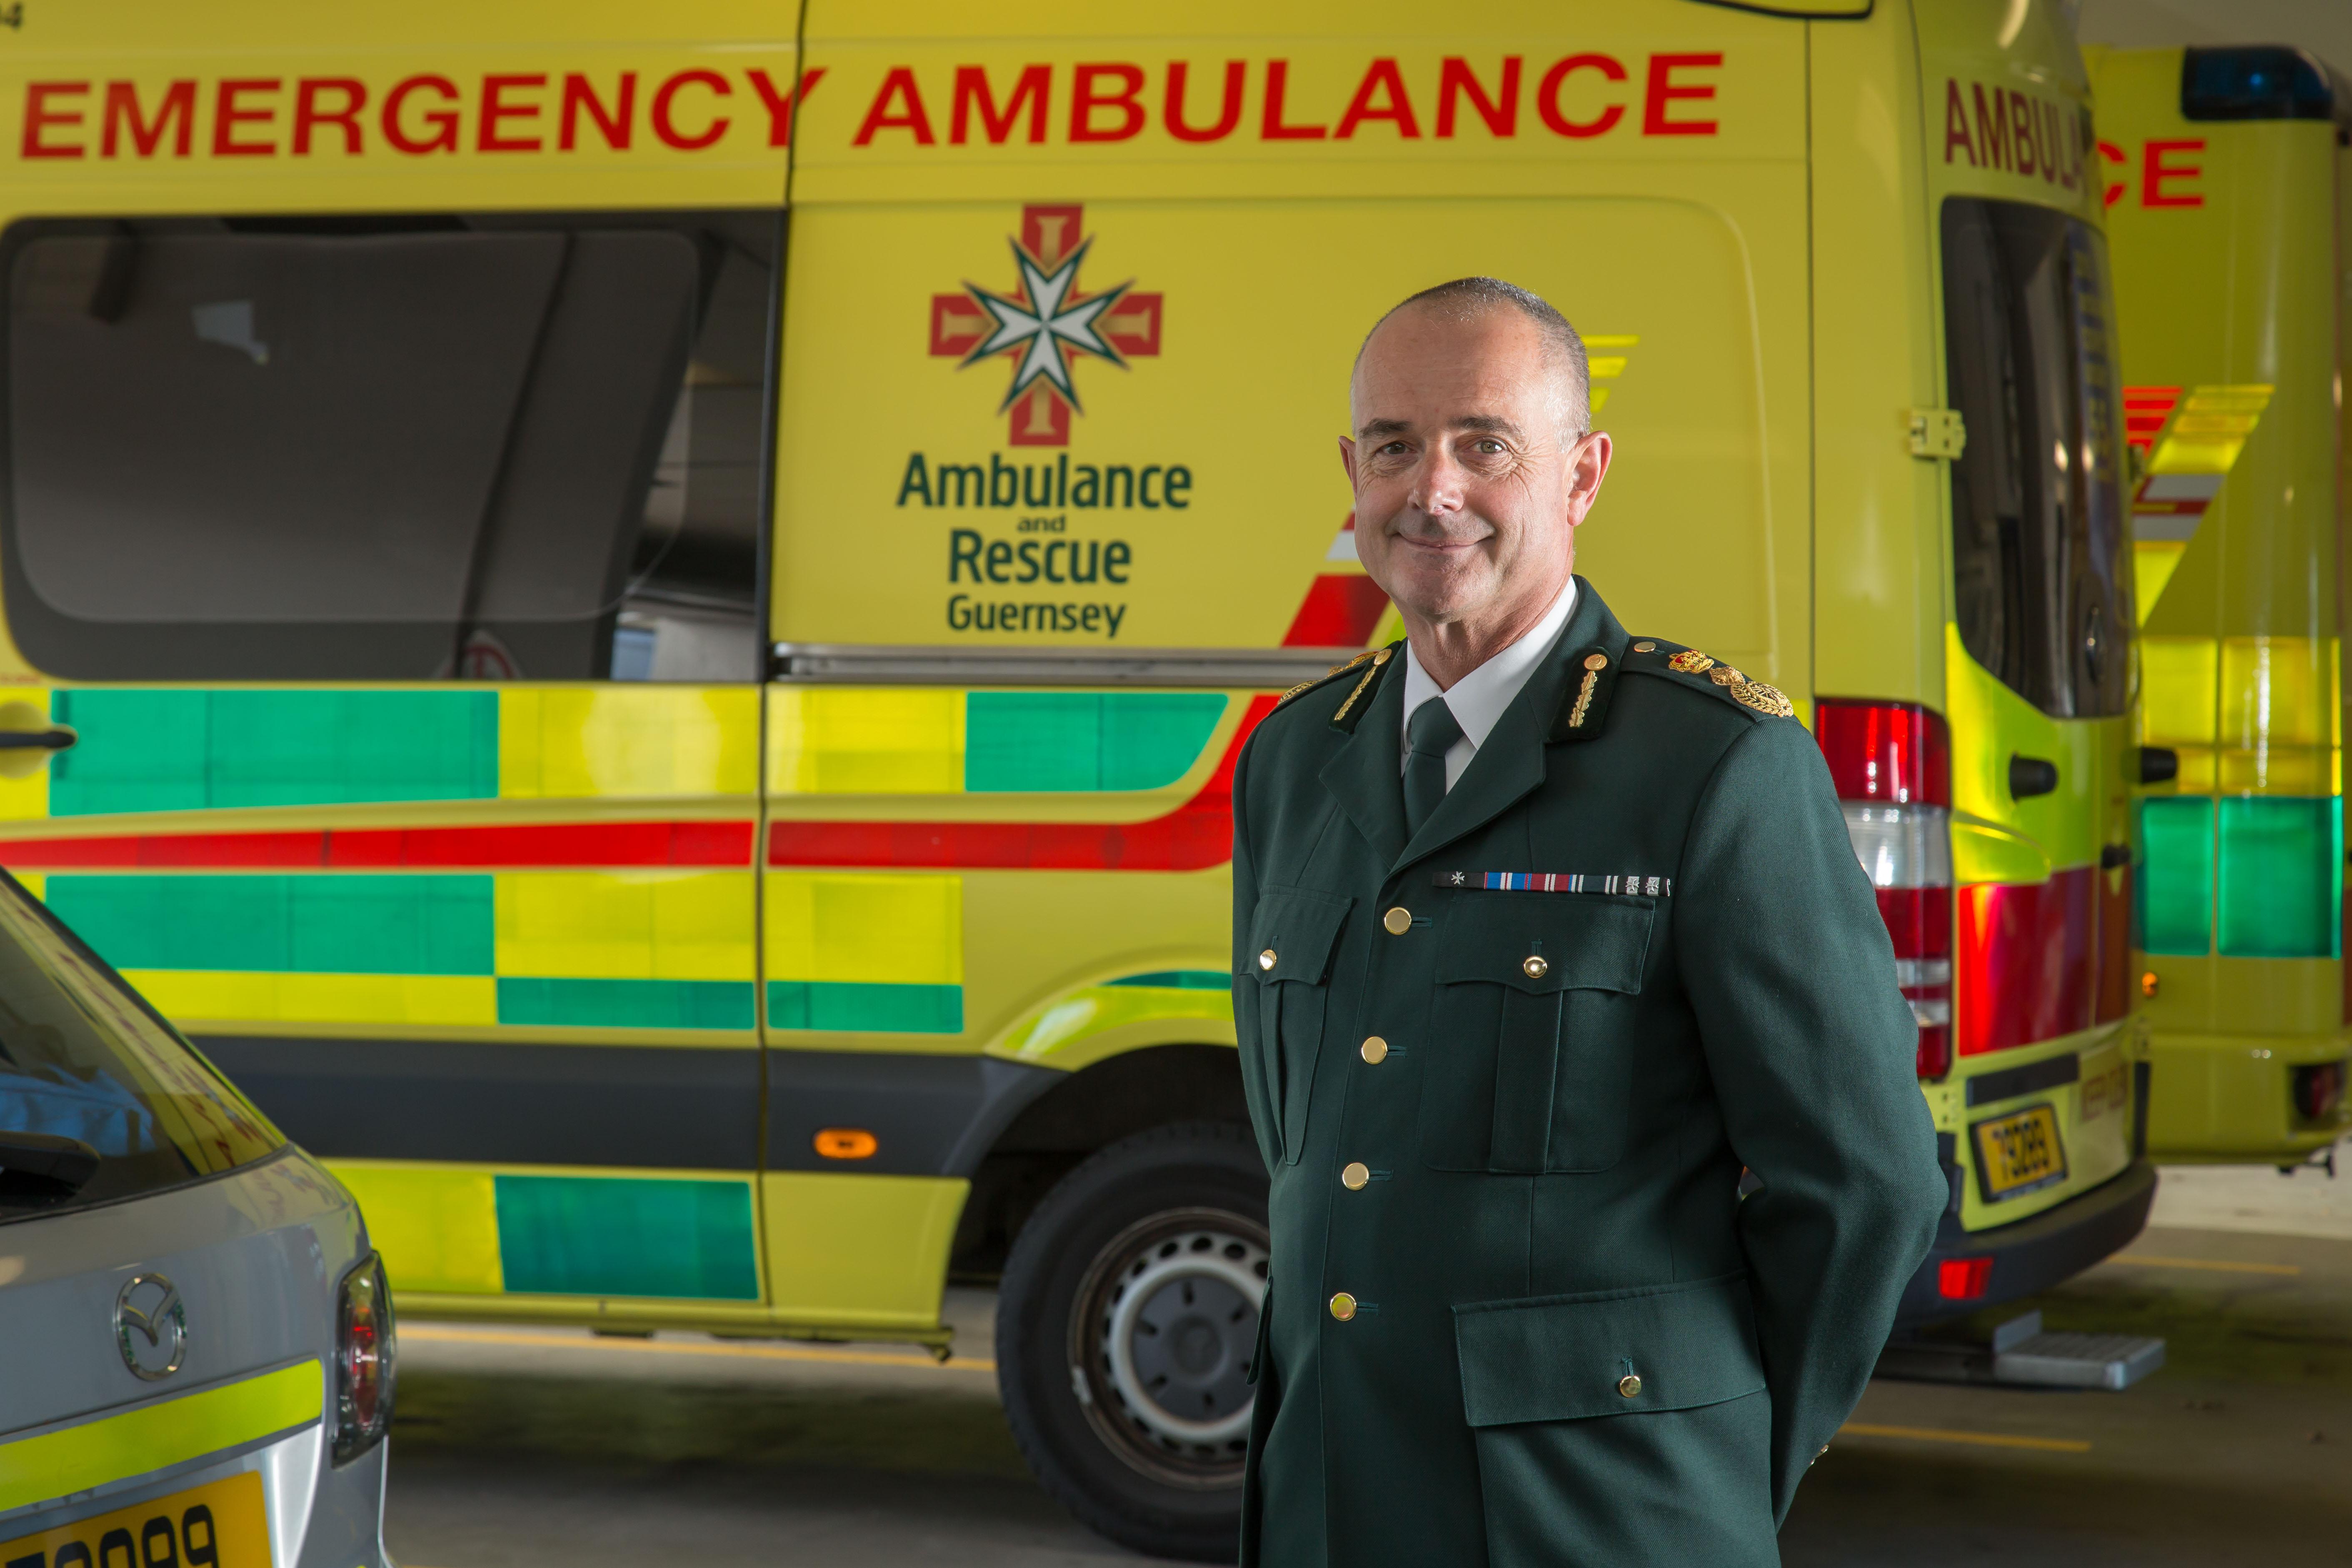 Jon Beausire - Chief Ambulance Ofiicer at St John Ambulance and Rescue